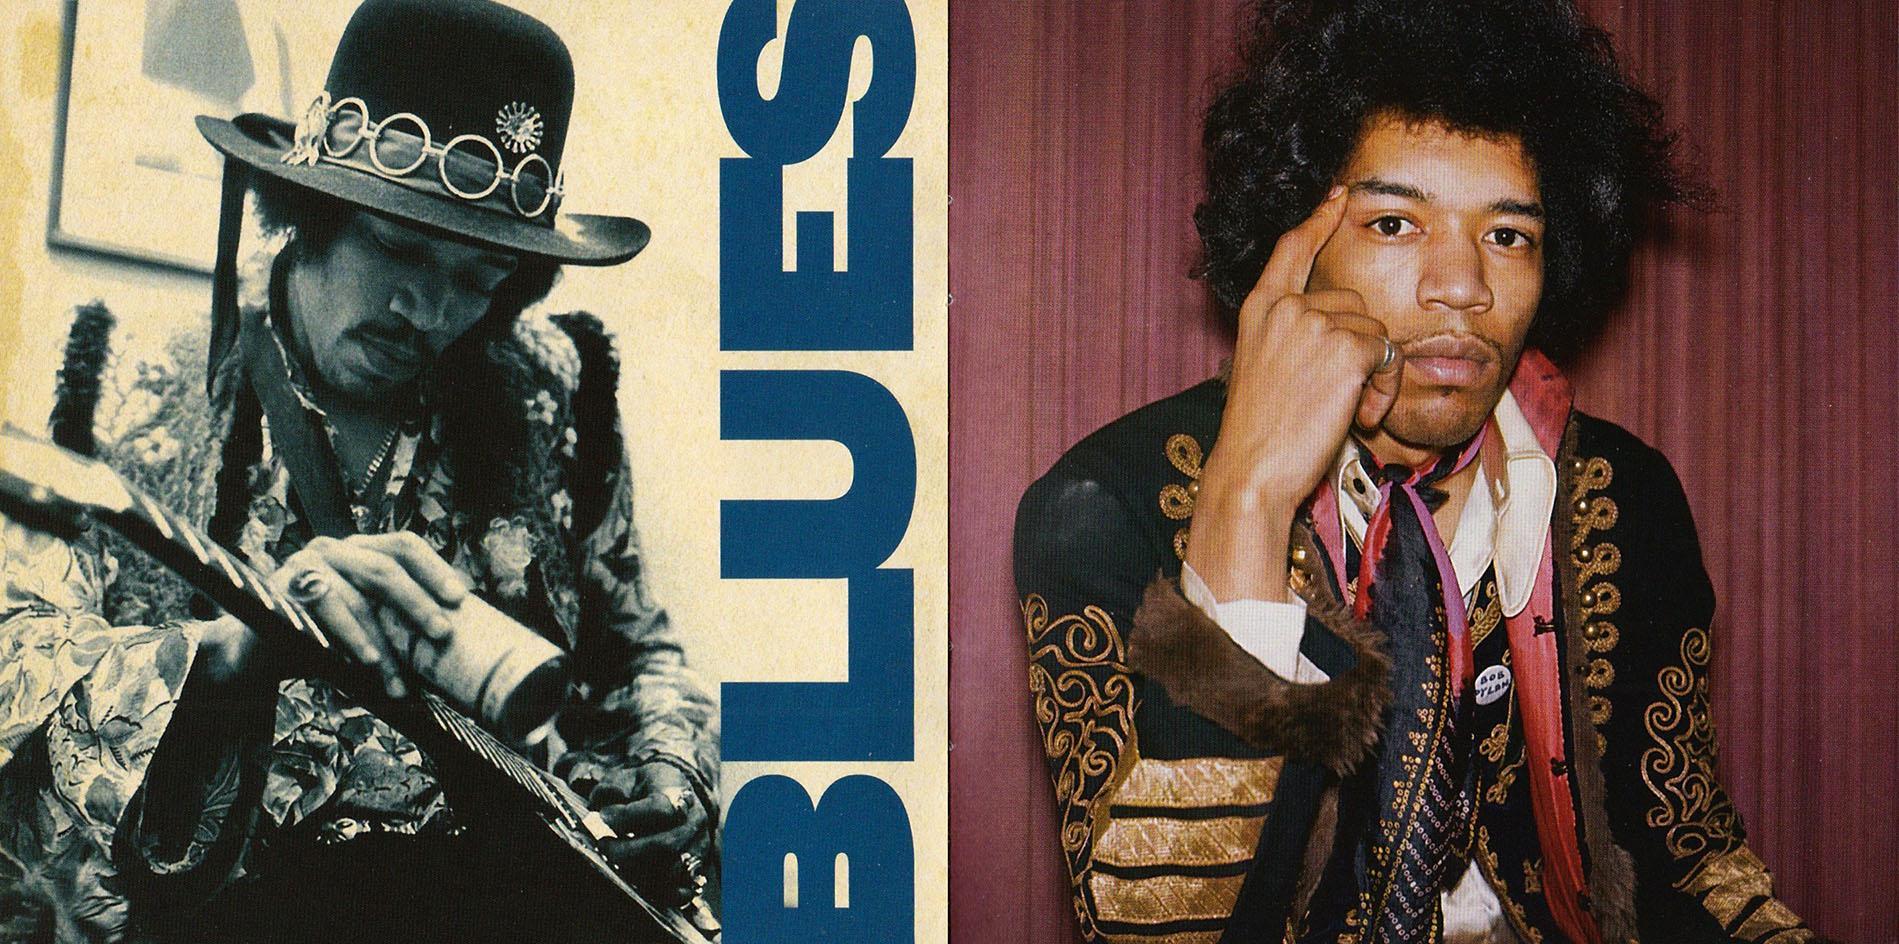 Jimi Hendrix Blues Club